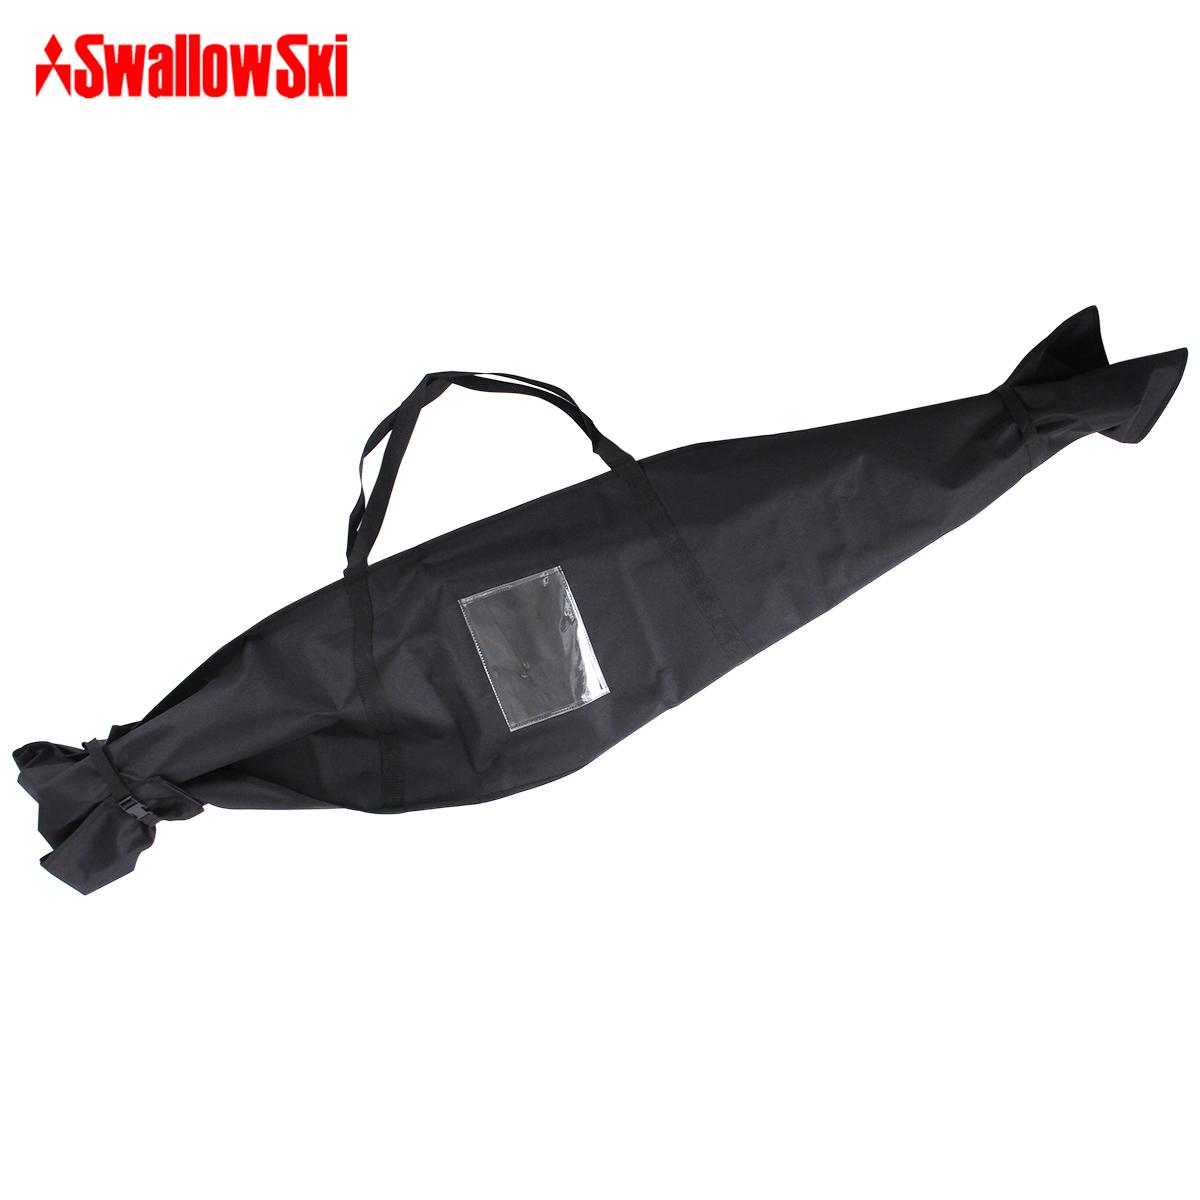 本物◆ 20-21 旧モデル スキー 板 1台 シングル 輸入 ケース Swallow 1台用 17-18 ST-M〔SA〕 スワロー バッグ スキーケース